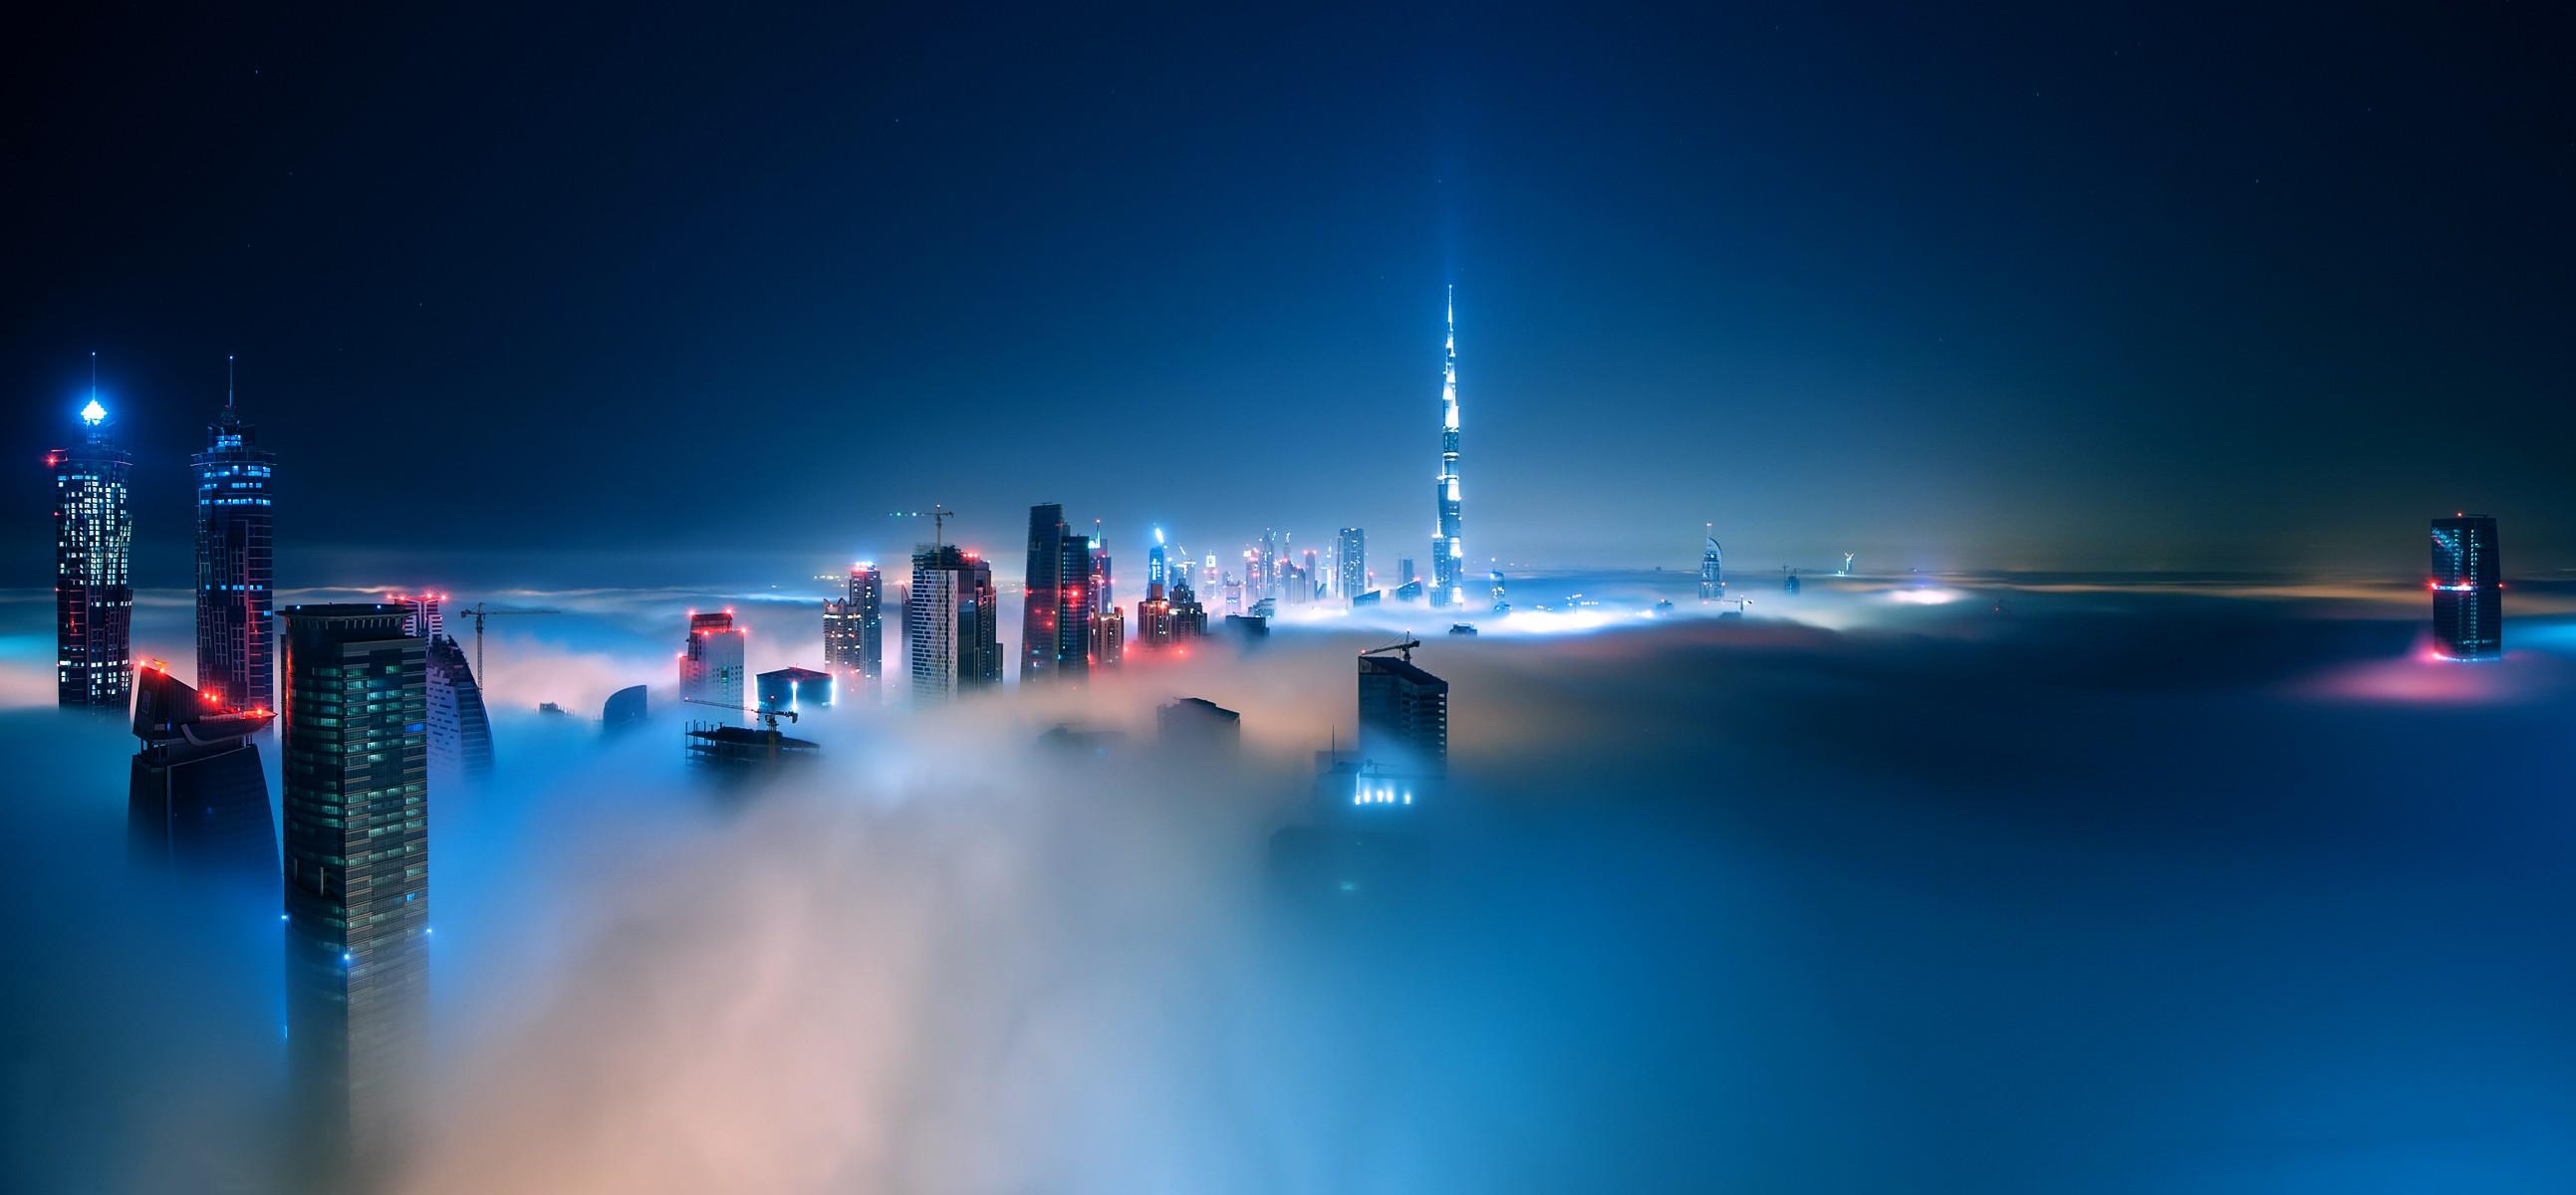 Cityscape Mist Night Clouds Building Dubai